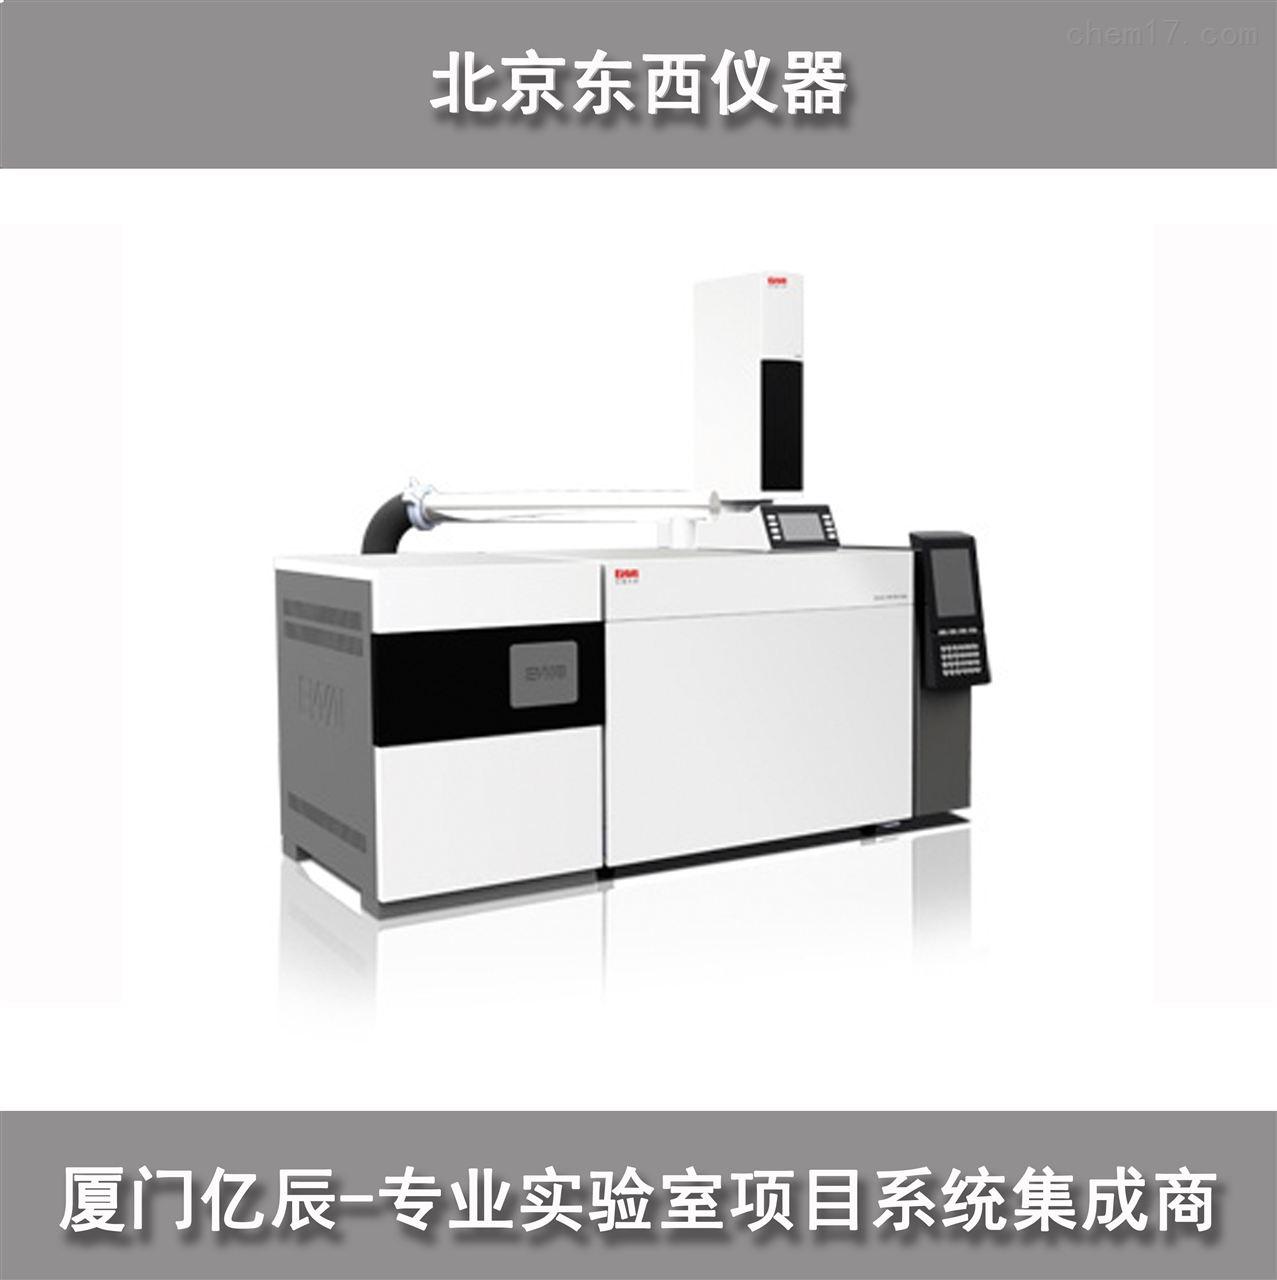 北京东西 GCxGC TOF MS 3300 全二维气相色谱-飞行时间质谱联用仪